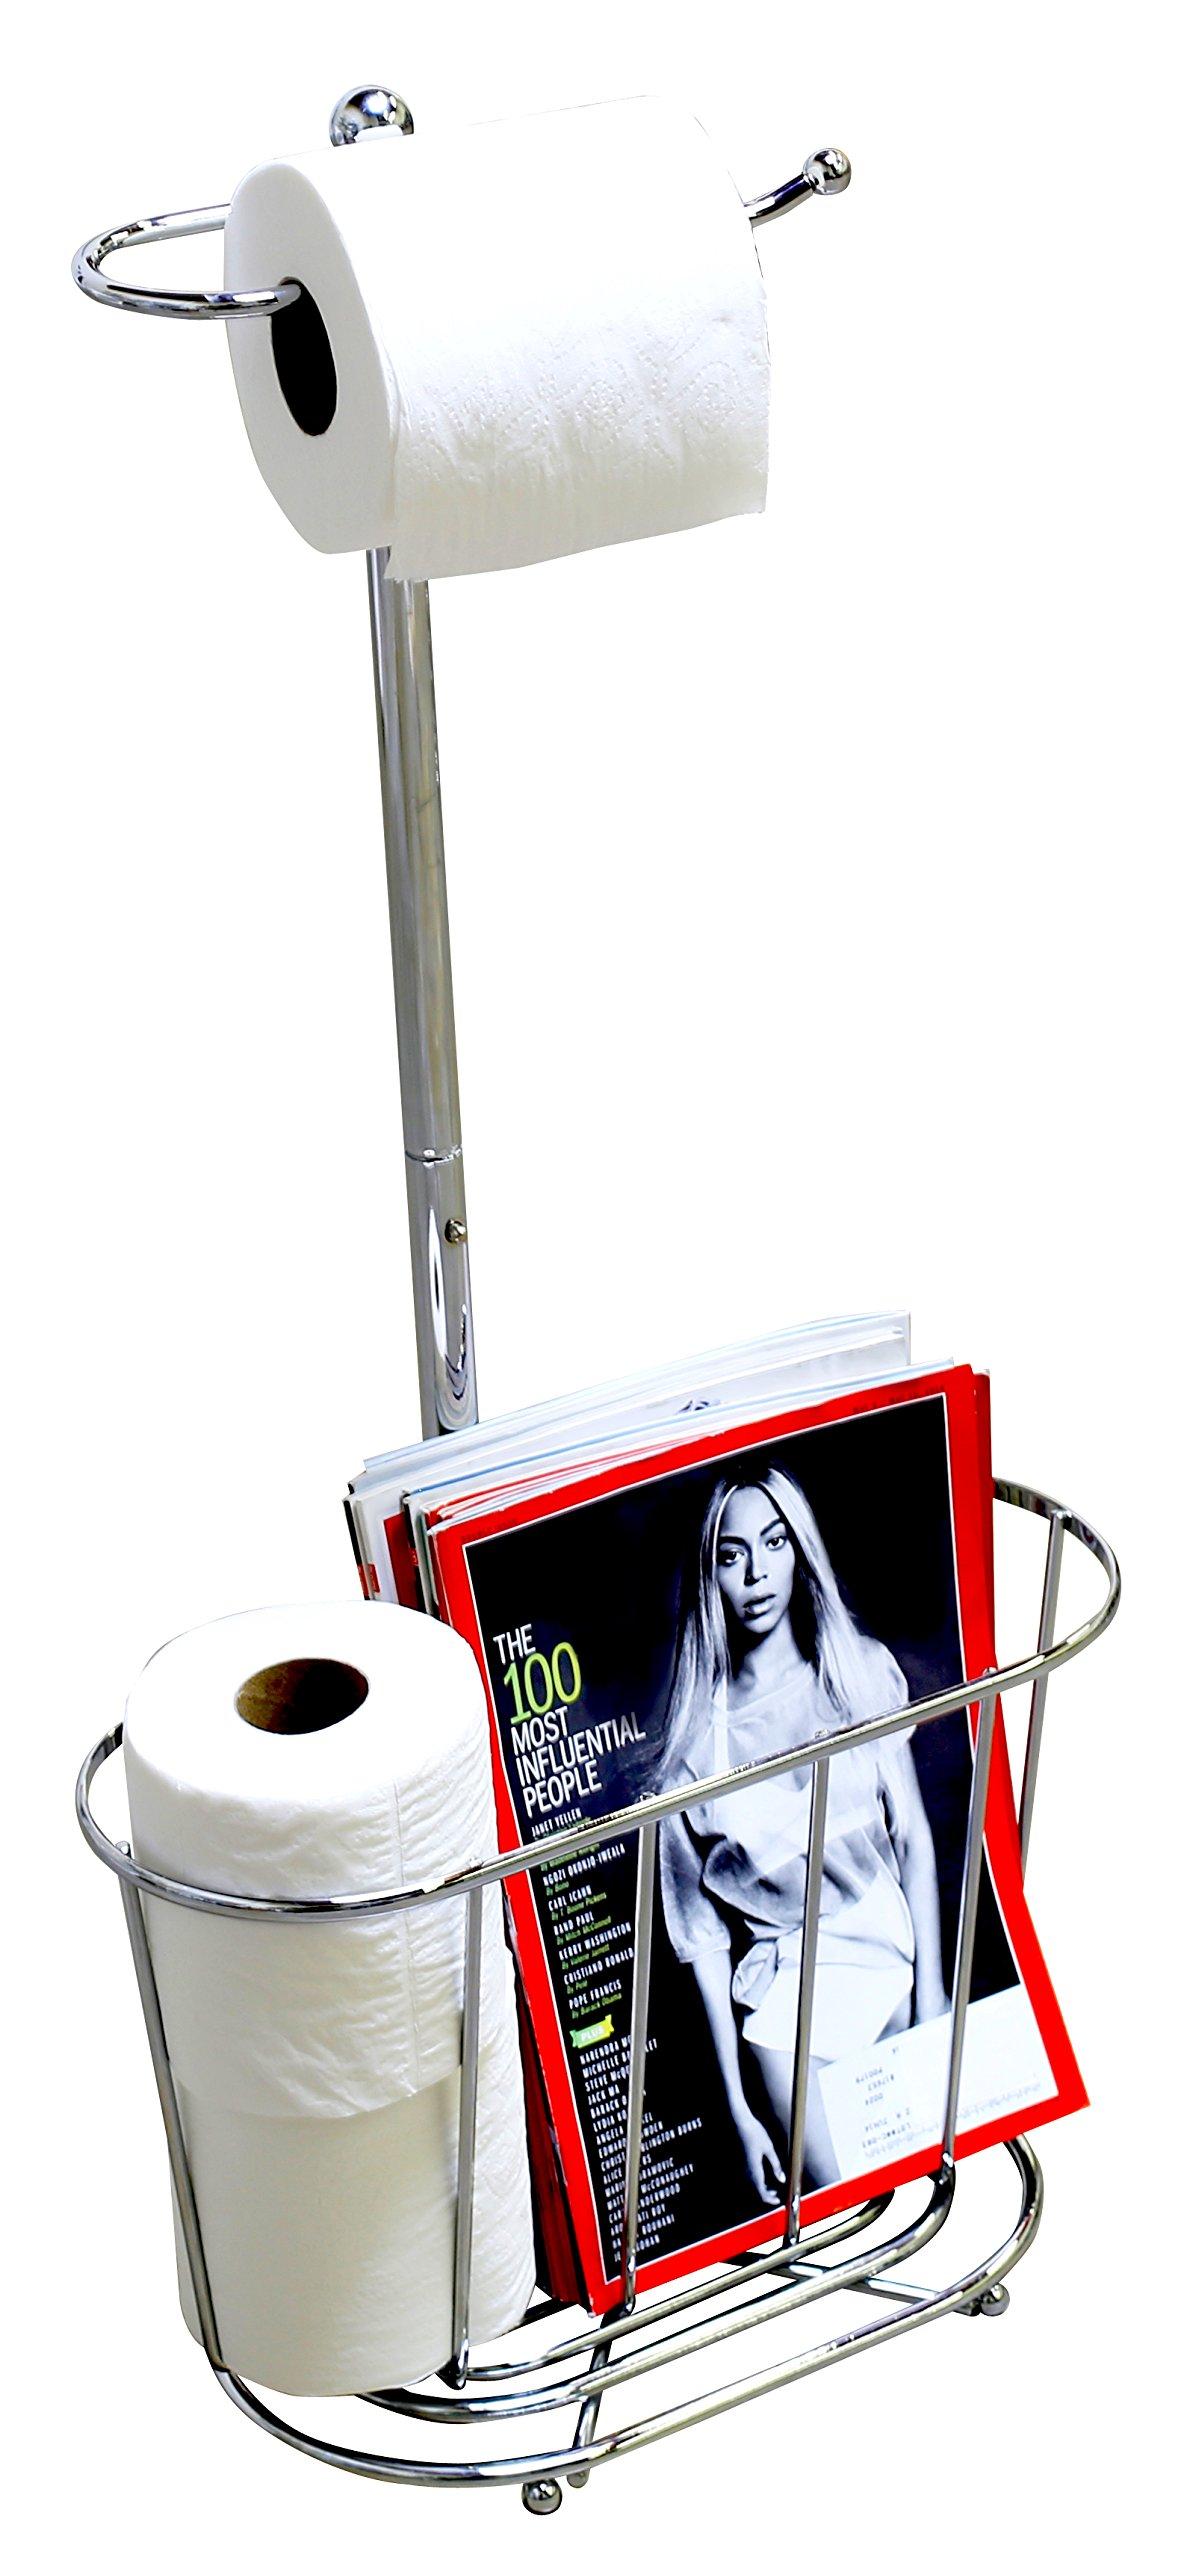 DecoBros Toilet Tissue Paper Roll Holder, Chrome Finish